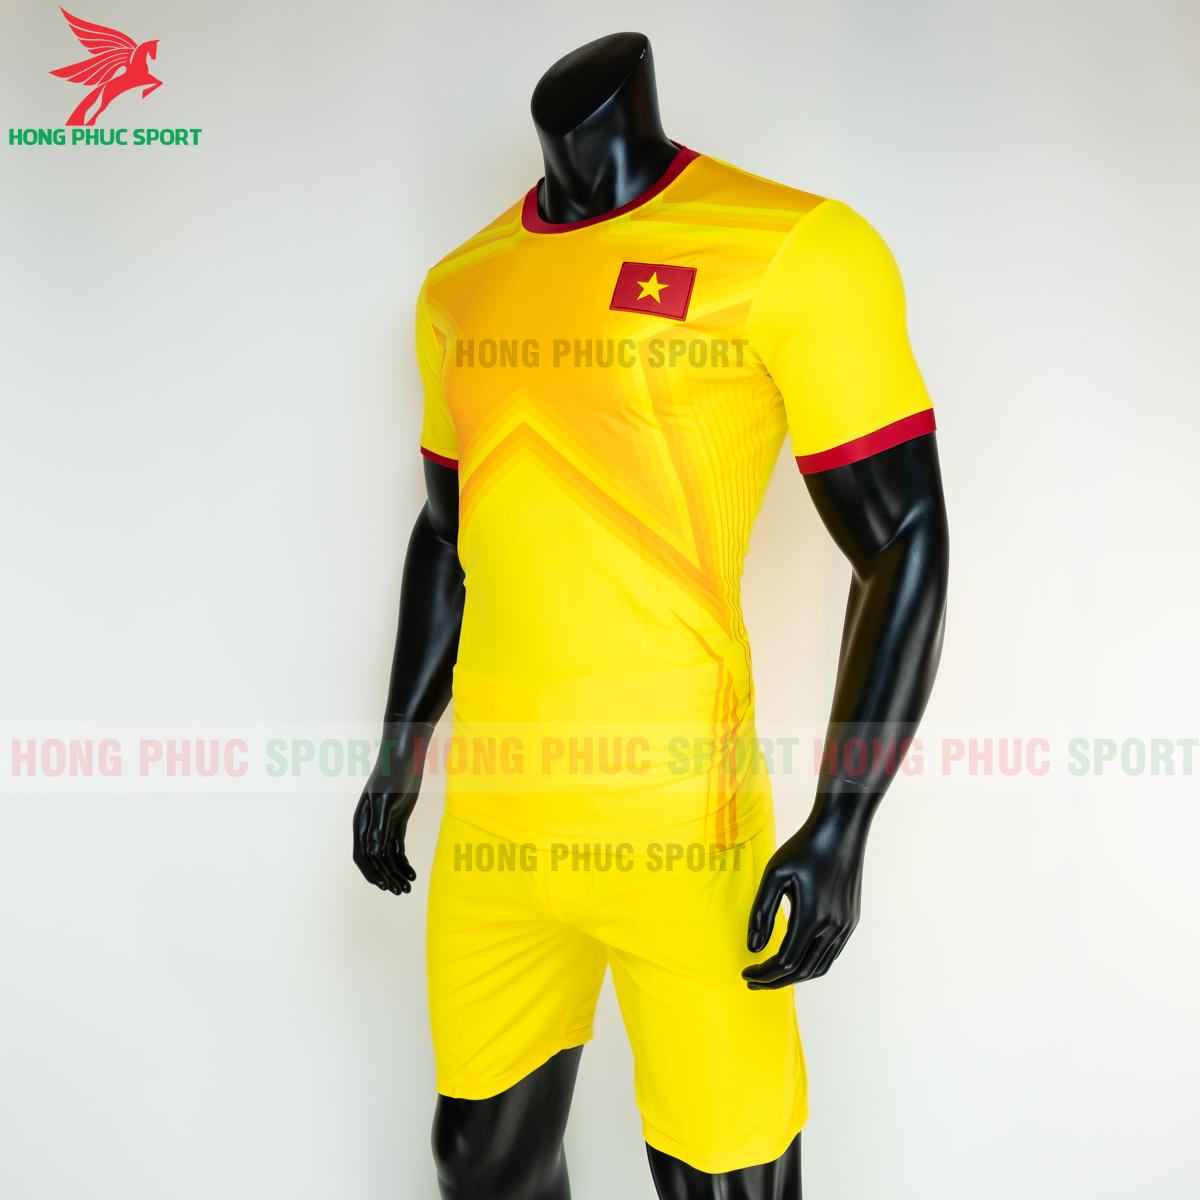 https://cdn.hongphucsport.com/unsafe/s4.shopbay.vn/files/285/ao-bong-da-thu-mon-viet-nam-2021-san-khach-4-6050396258d73.png